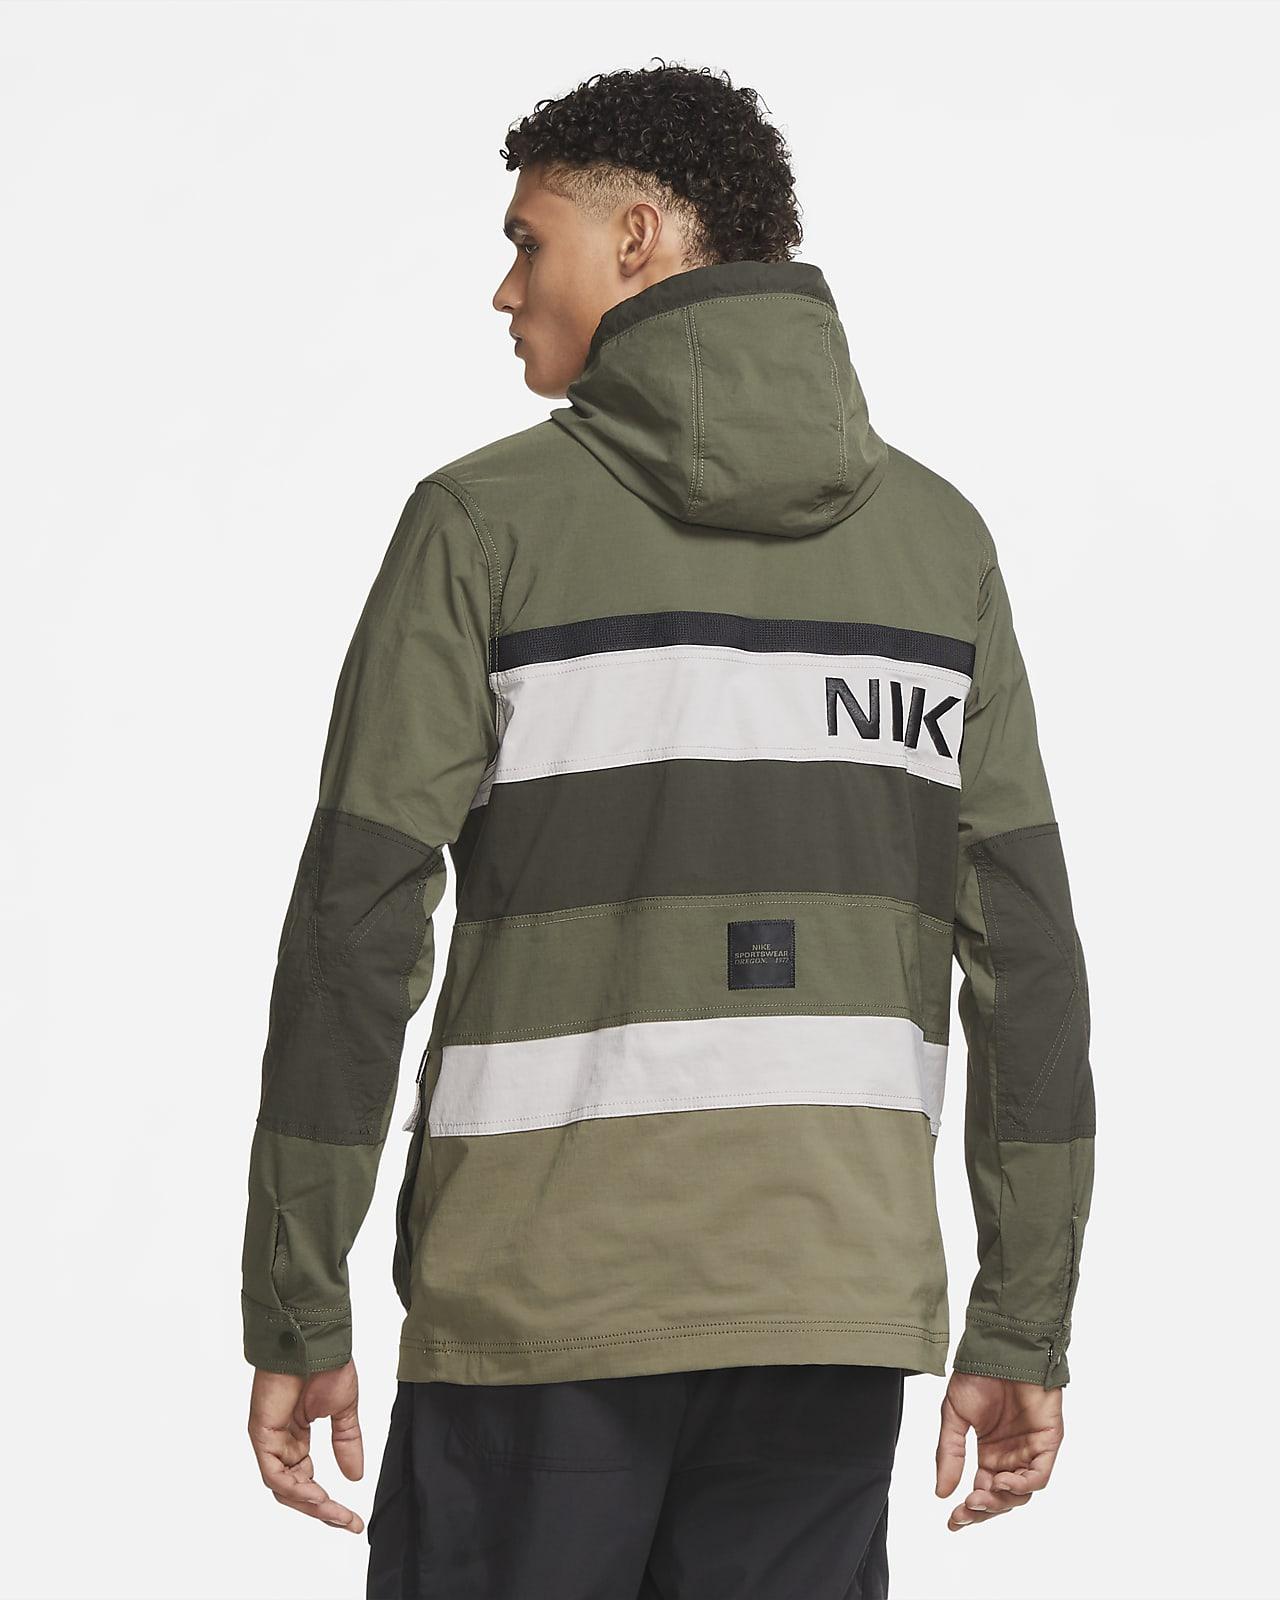 Derritiendo Motivación orquesta  Nike Sportswear Chaqueta con capucha - Hombre. Nike ES